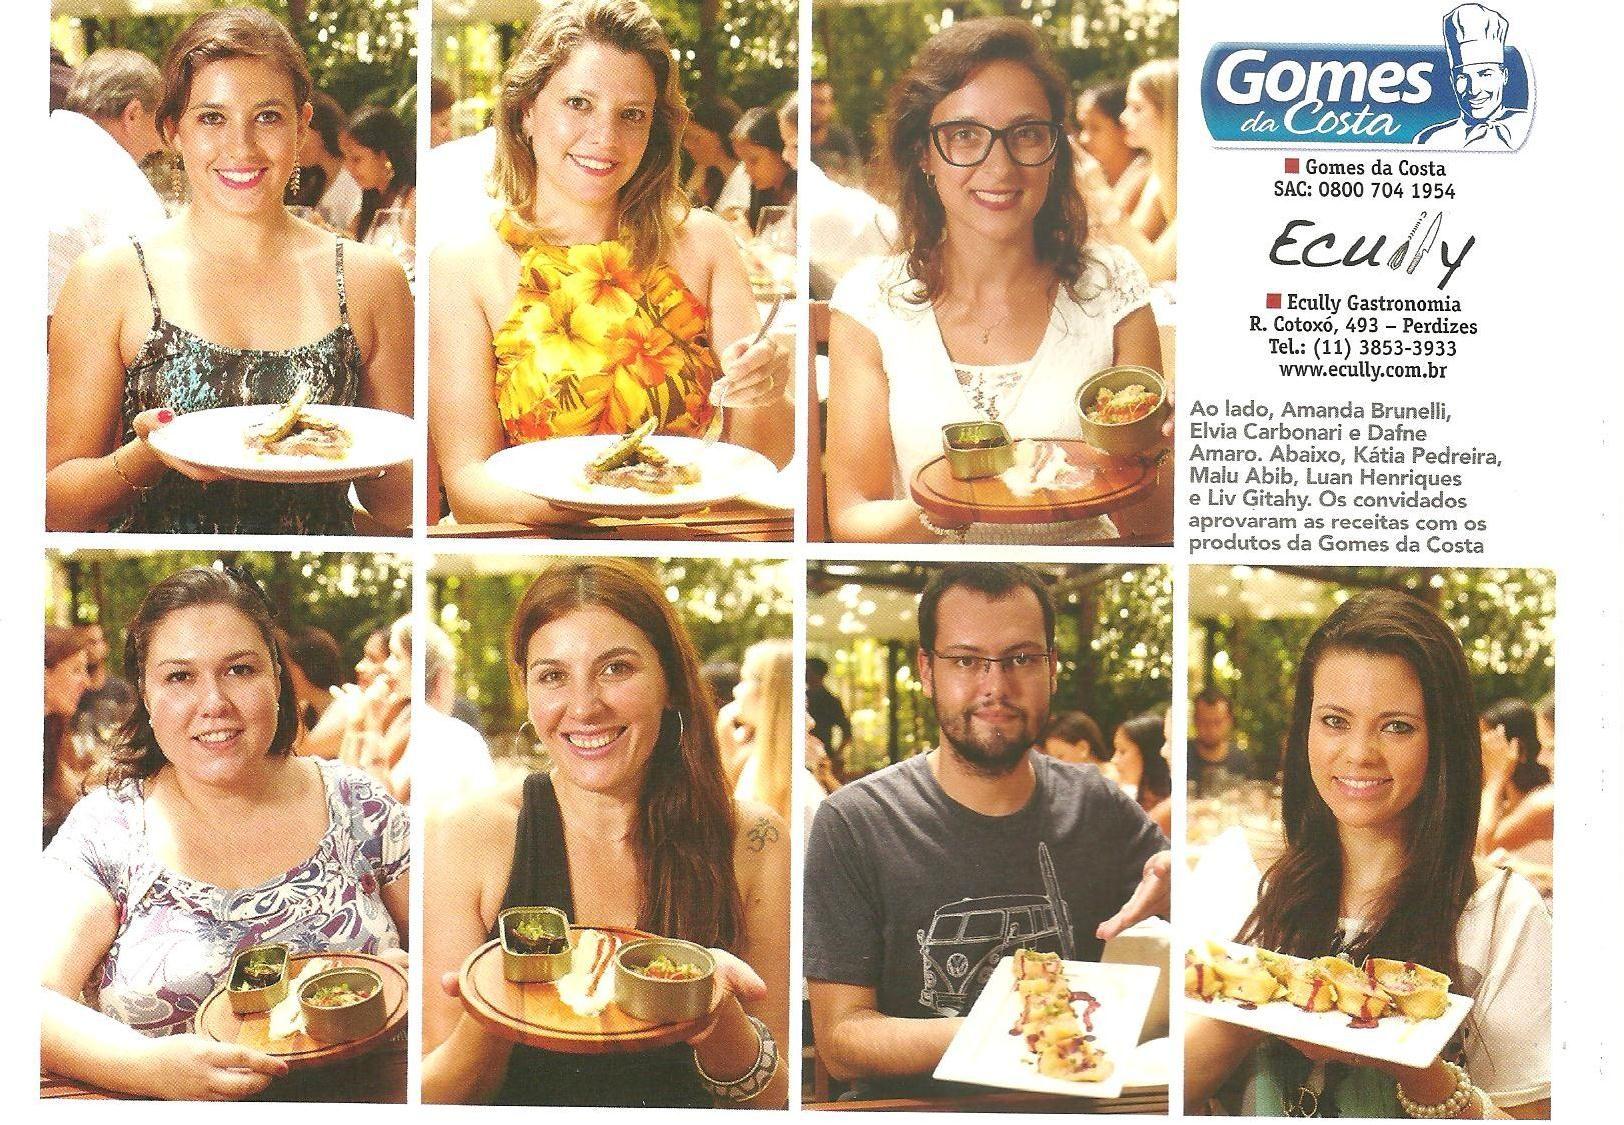 Degustação Gomes da Costa, com Revista Gowhere no Ecully Gastronomia.